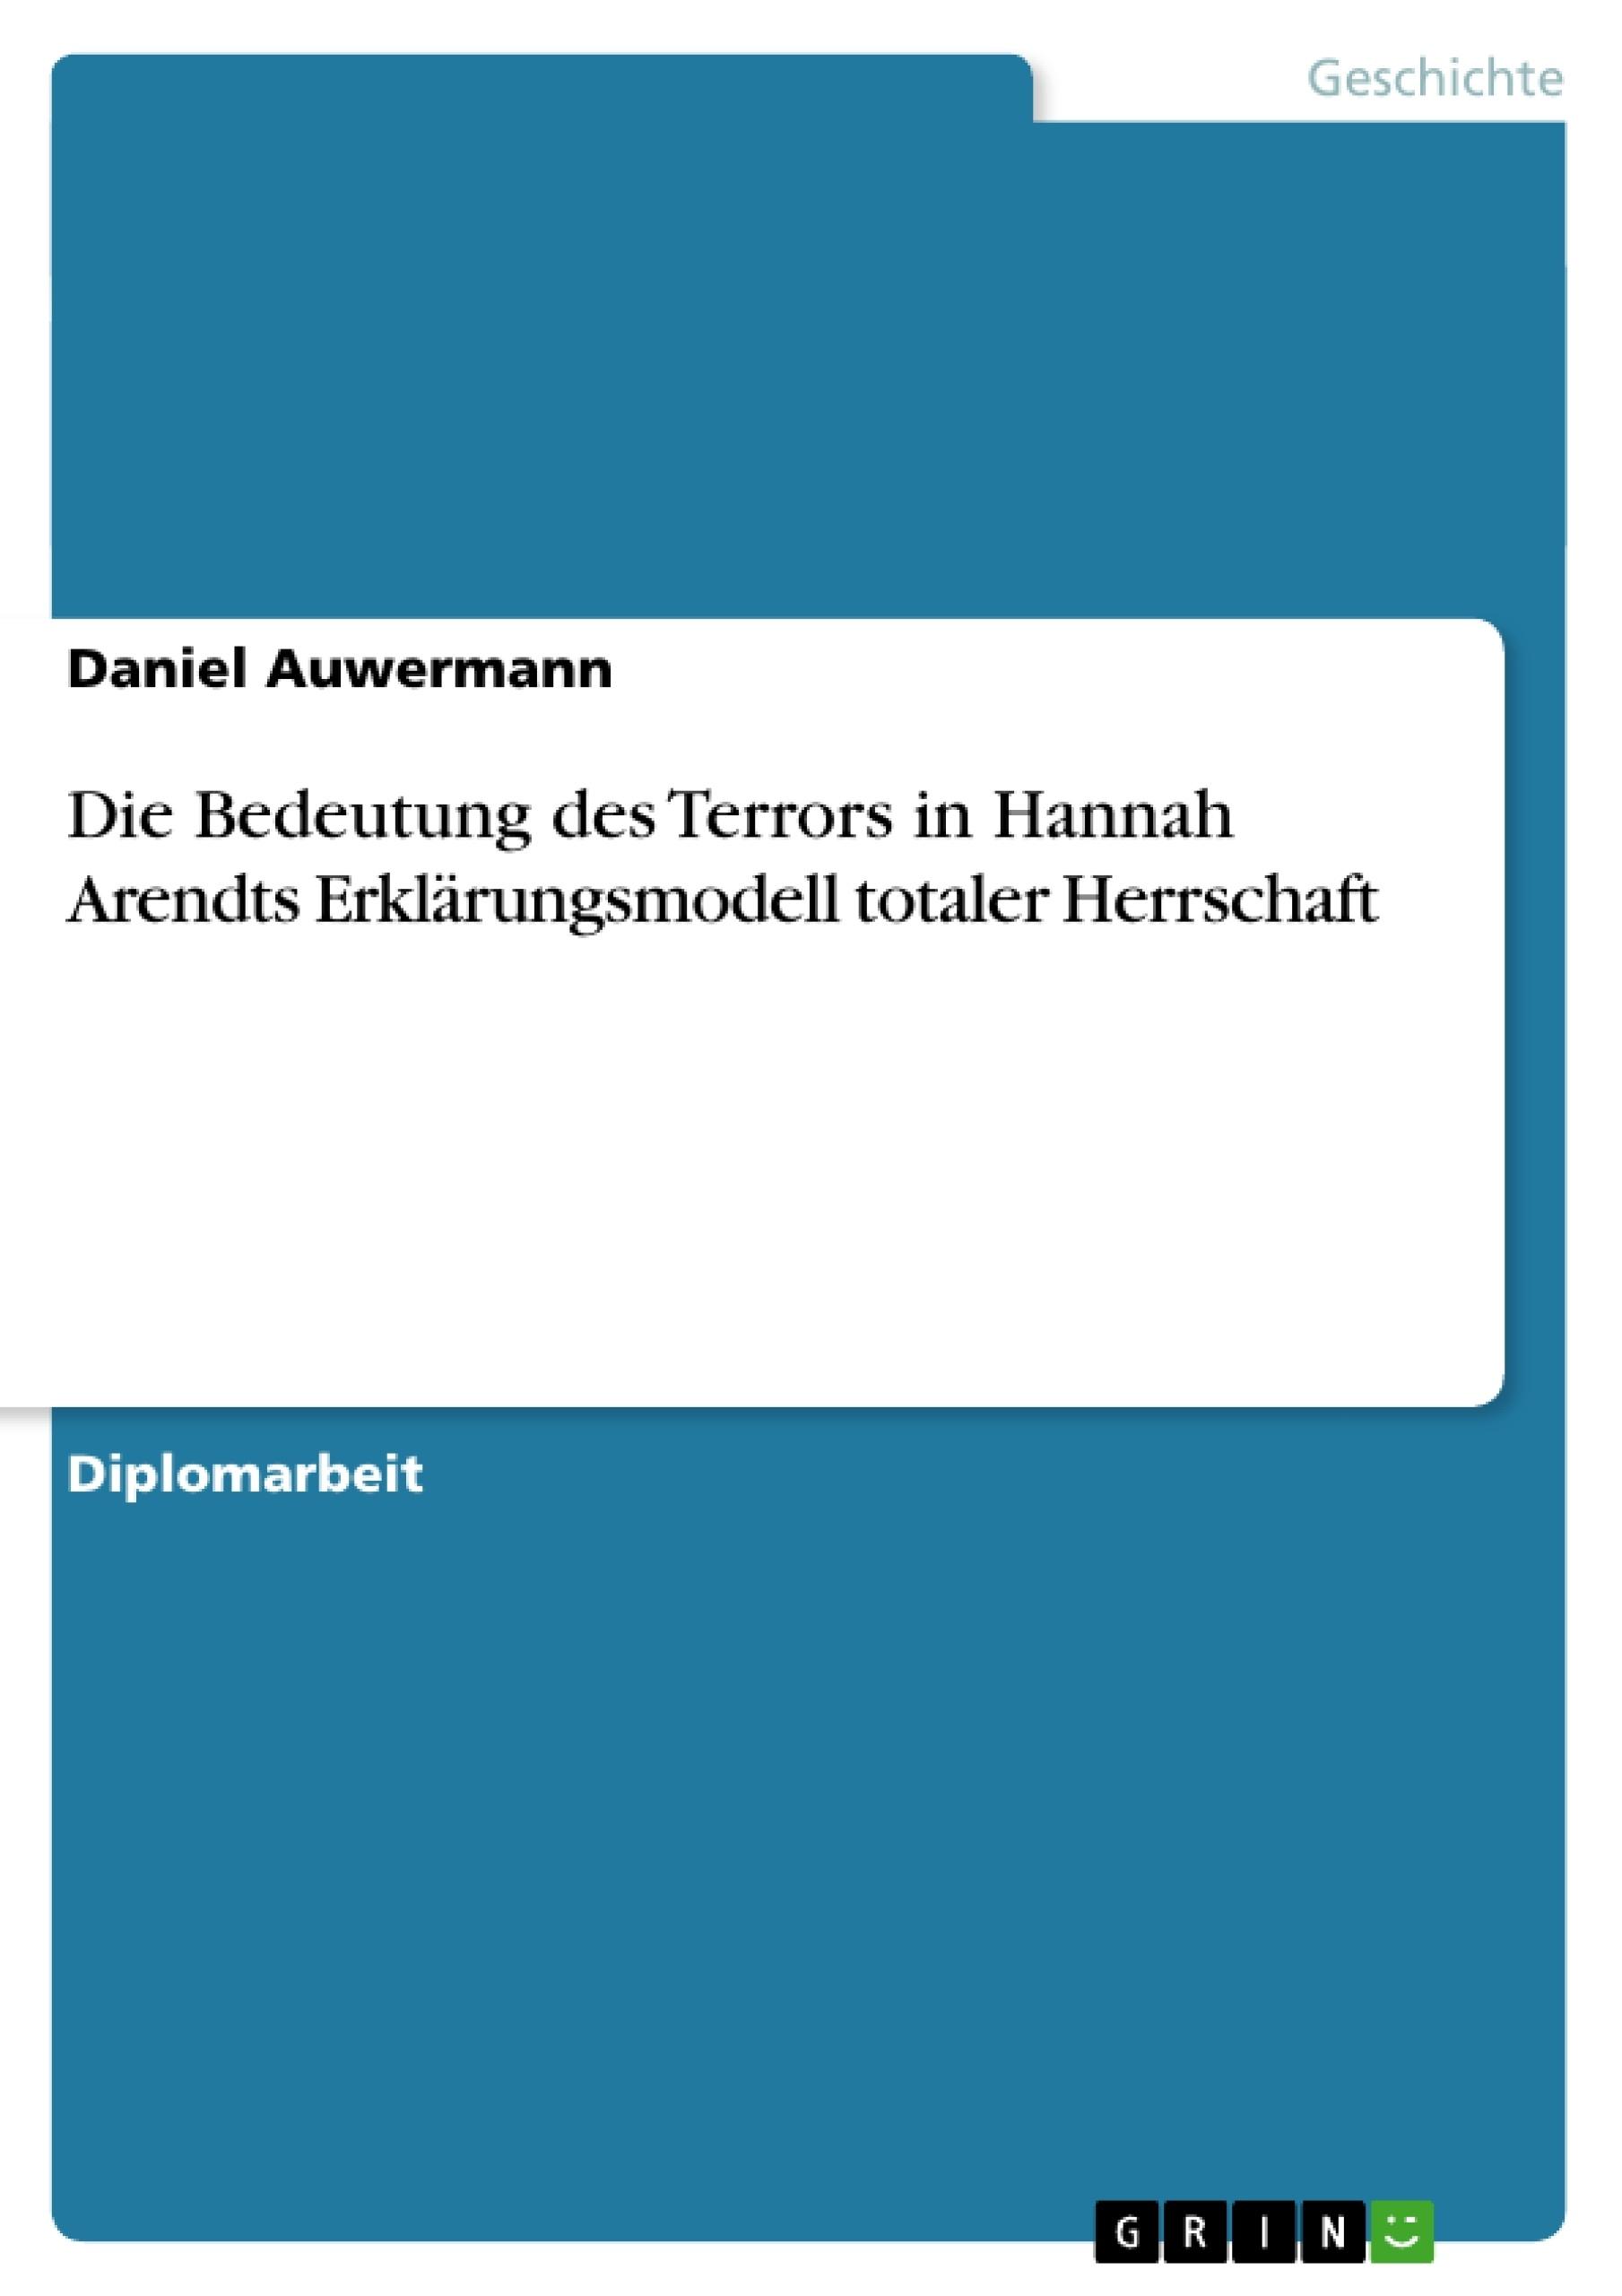 Titel: Die Bedeutung des Terrors in Hannah Arendts Erklärungsmodell totaler Herrschaft